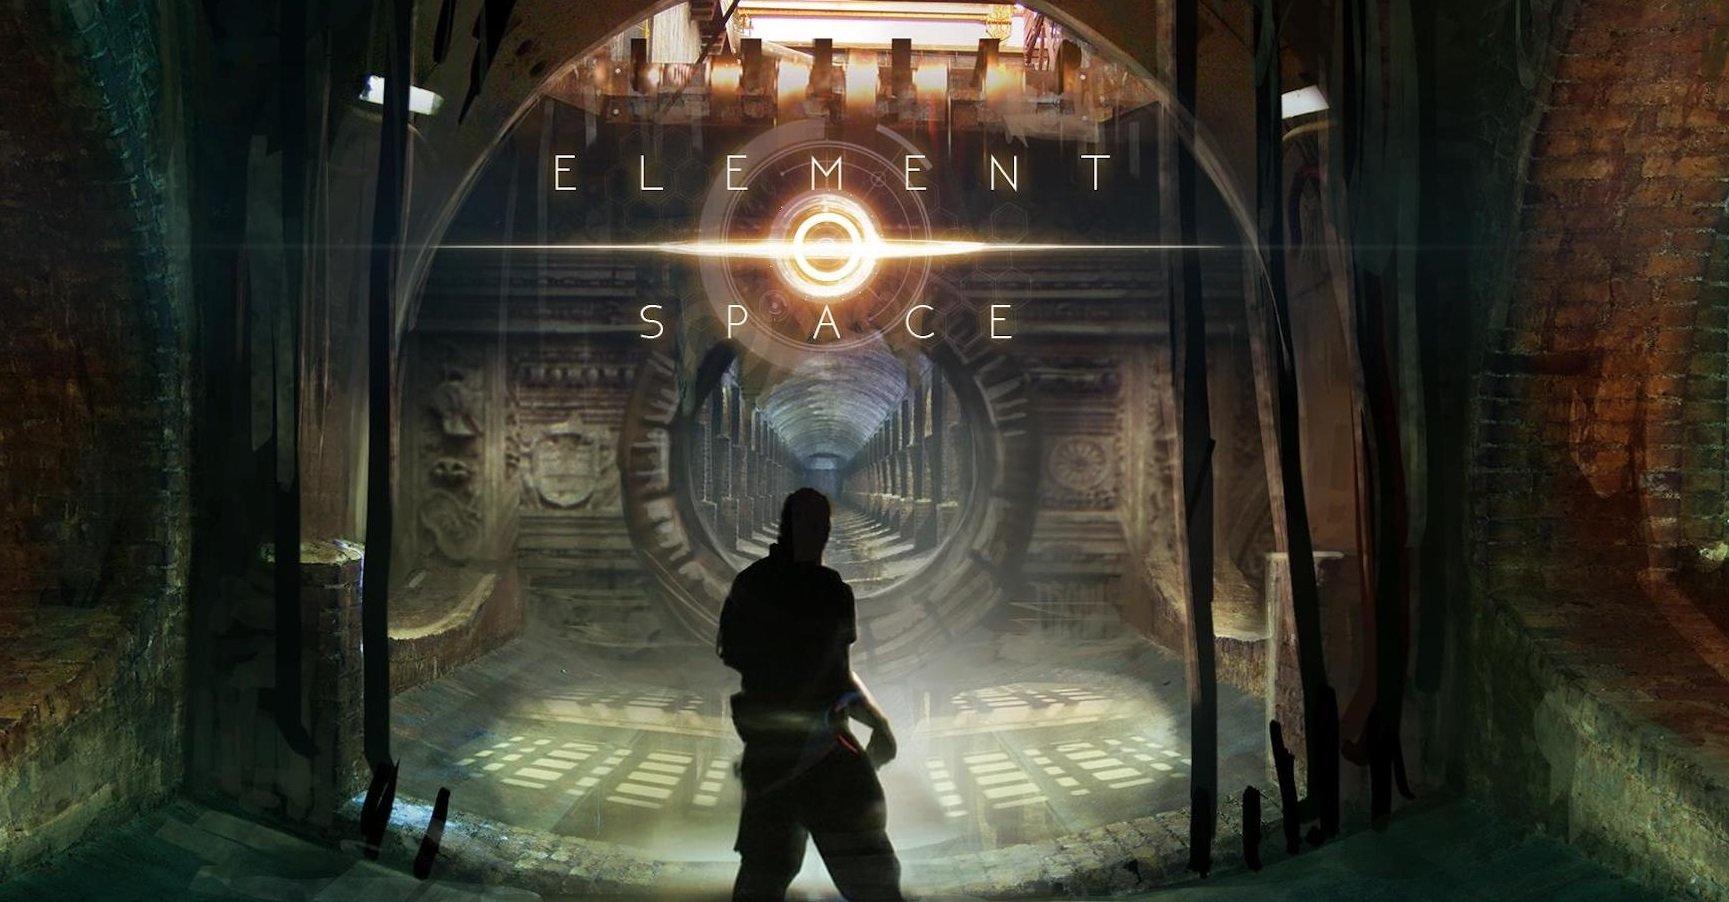 Apprenez à connaître les membres de l'équipage d'Element Space